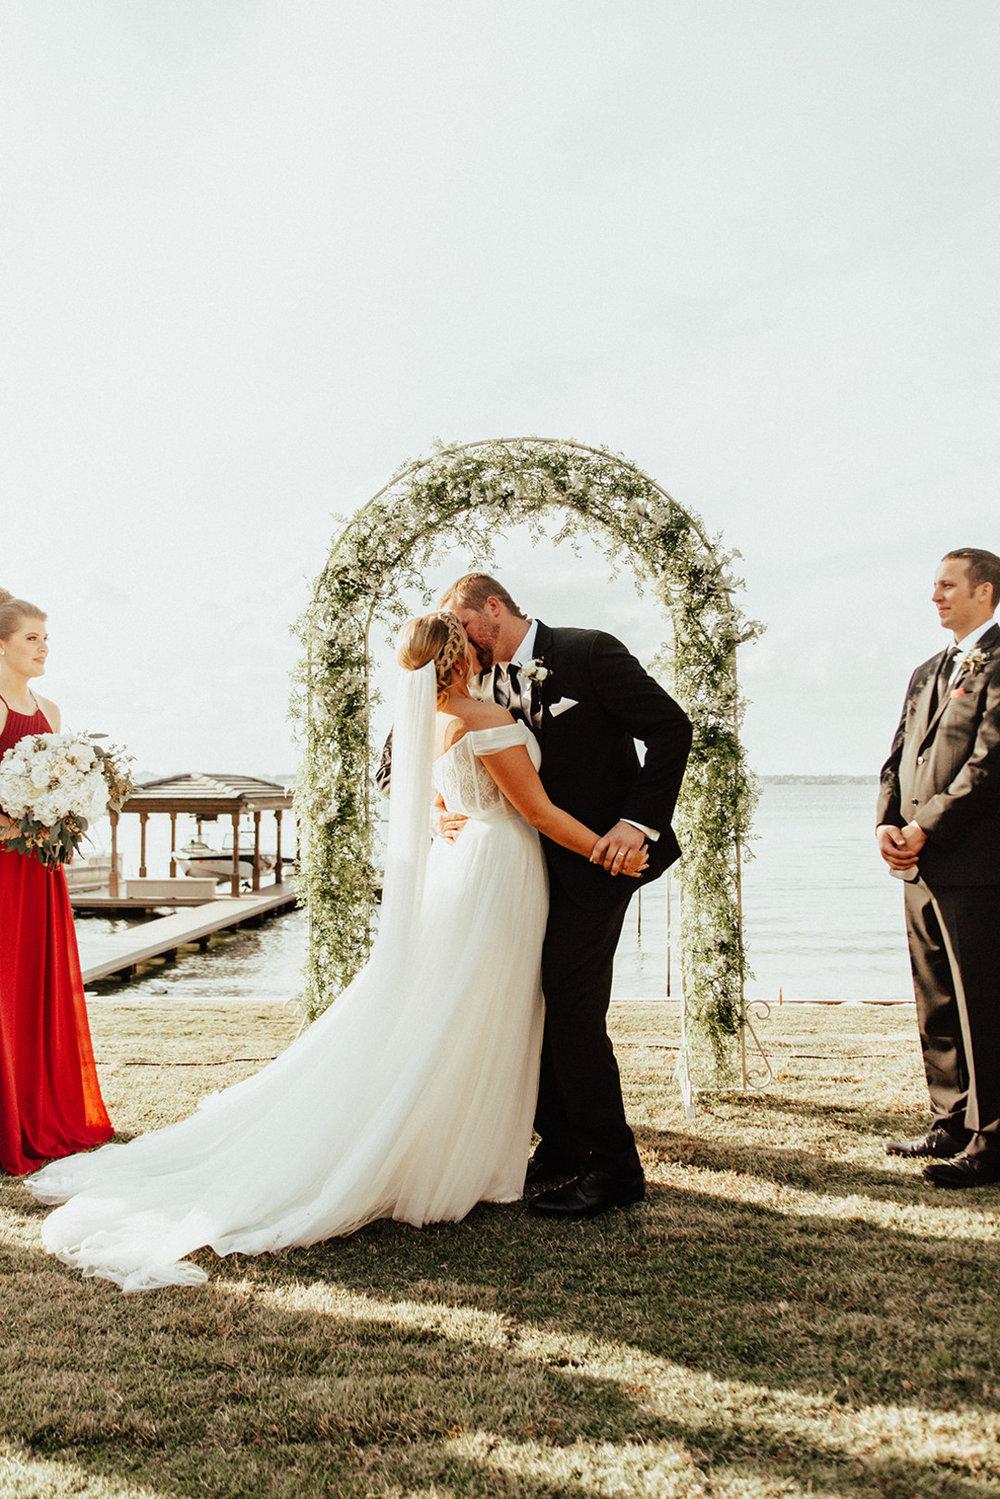 bröllop+vigsel+brudklänning+utomhusbröllop